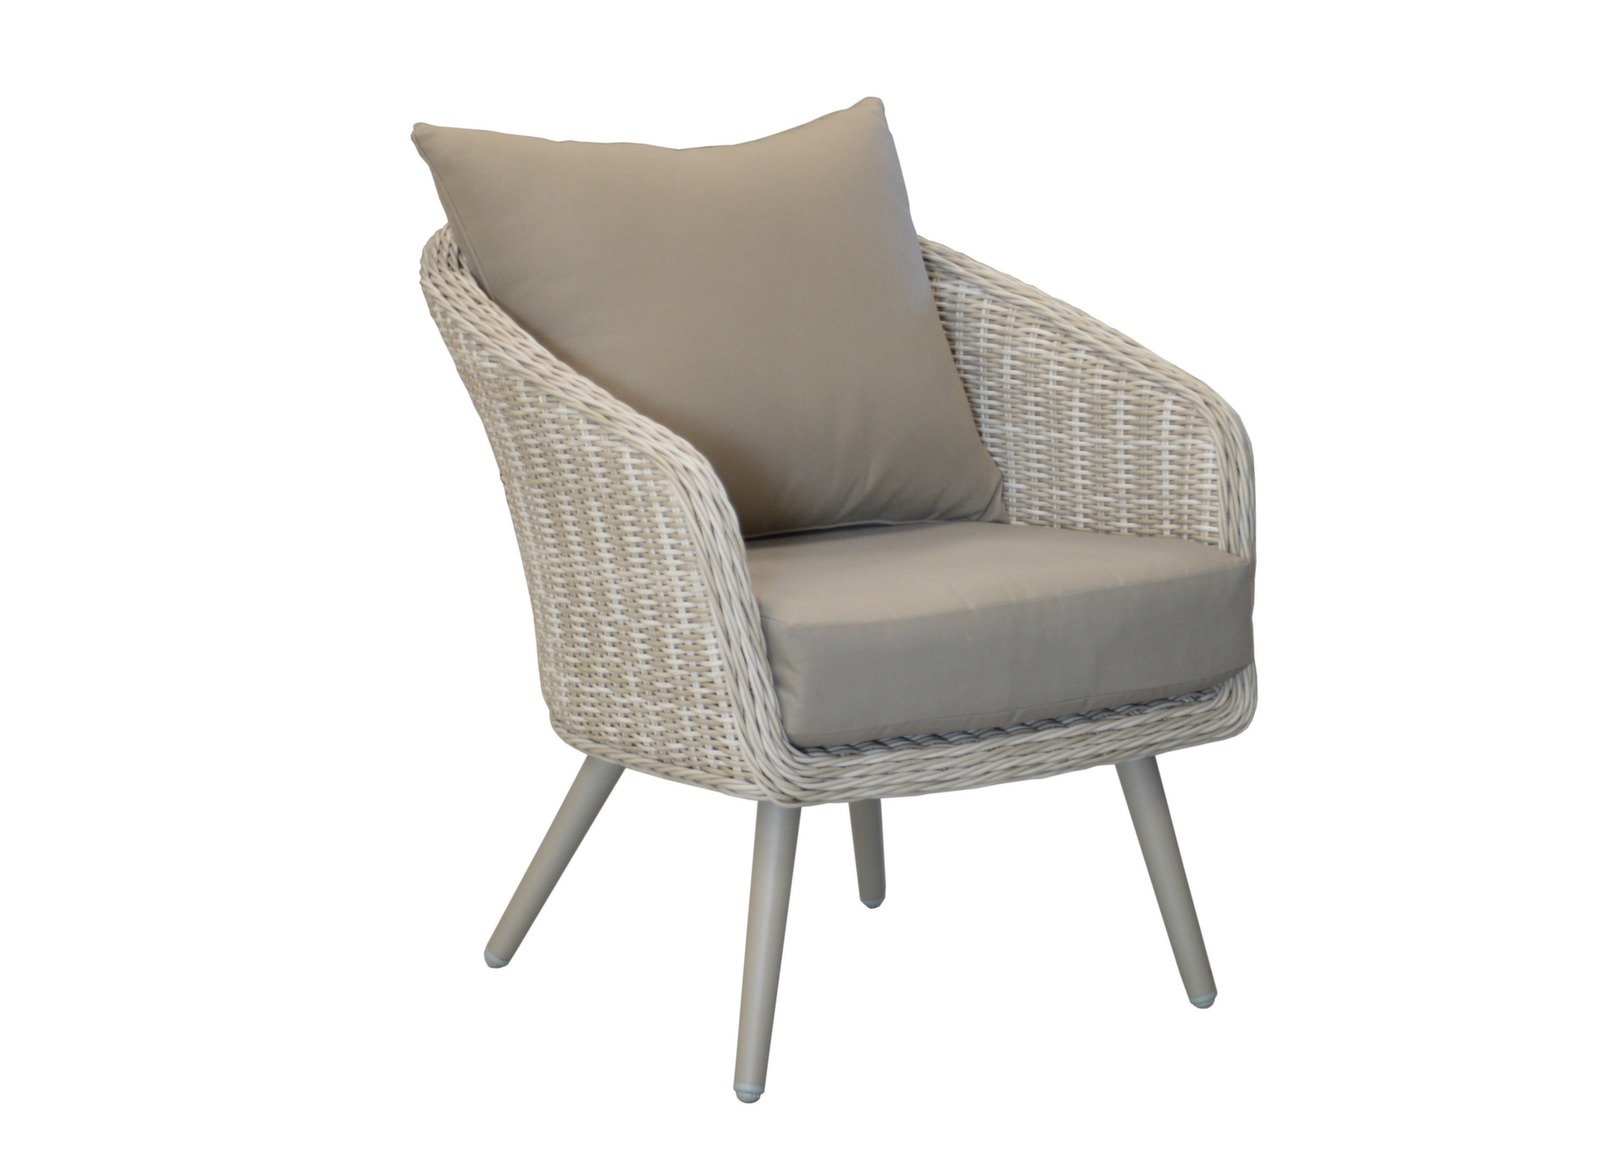 Fauteuil d tente augusta fauteuils de jardin oc o sp cialiste du mobili - Fauteuil detente jardin ...